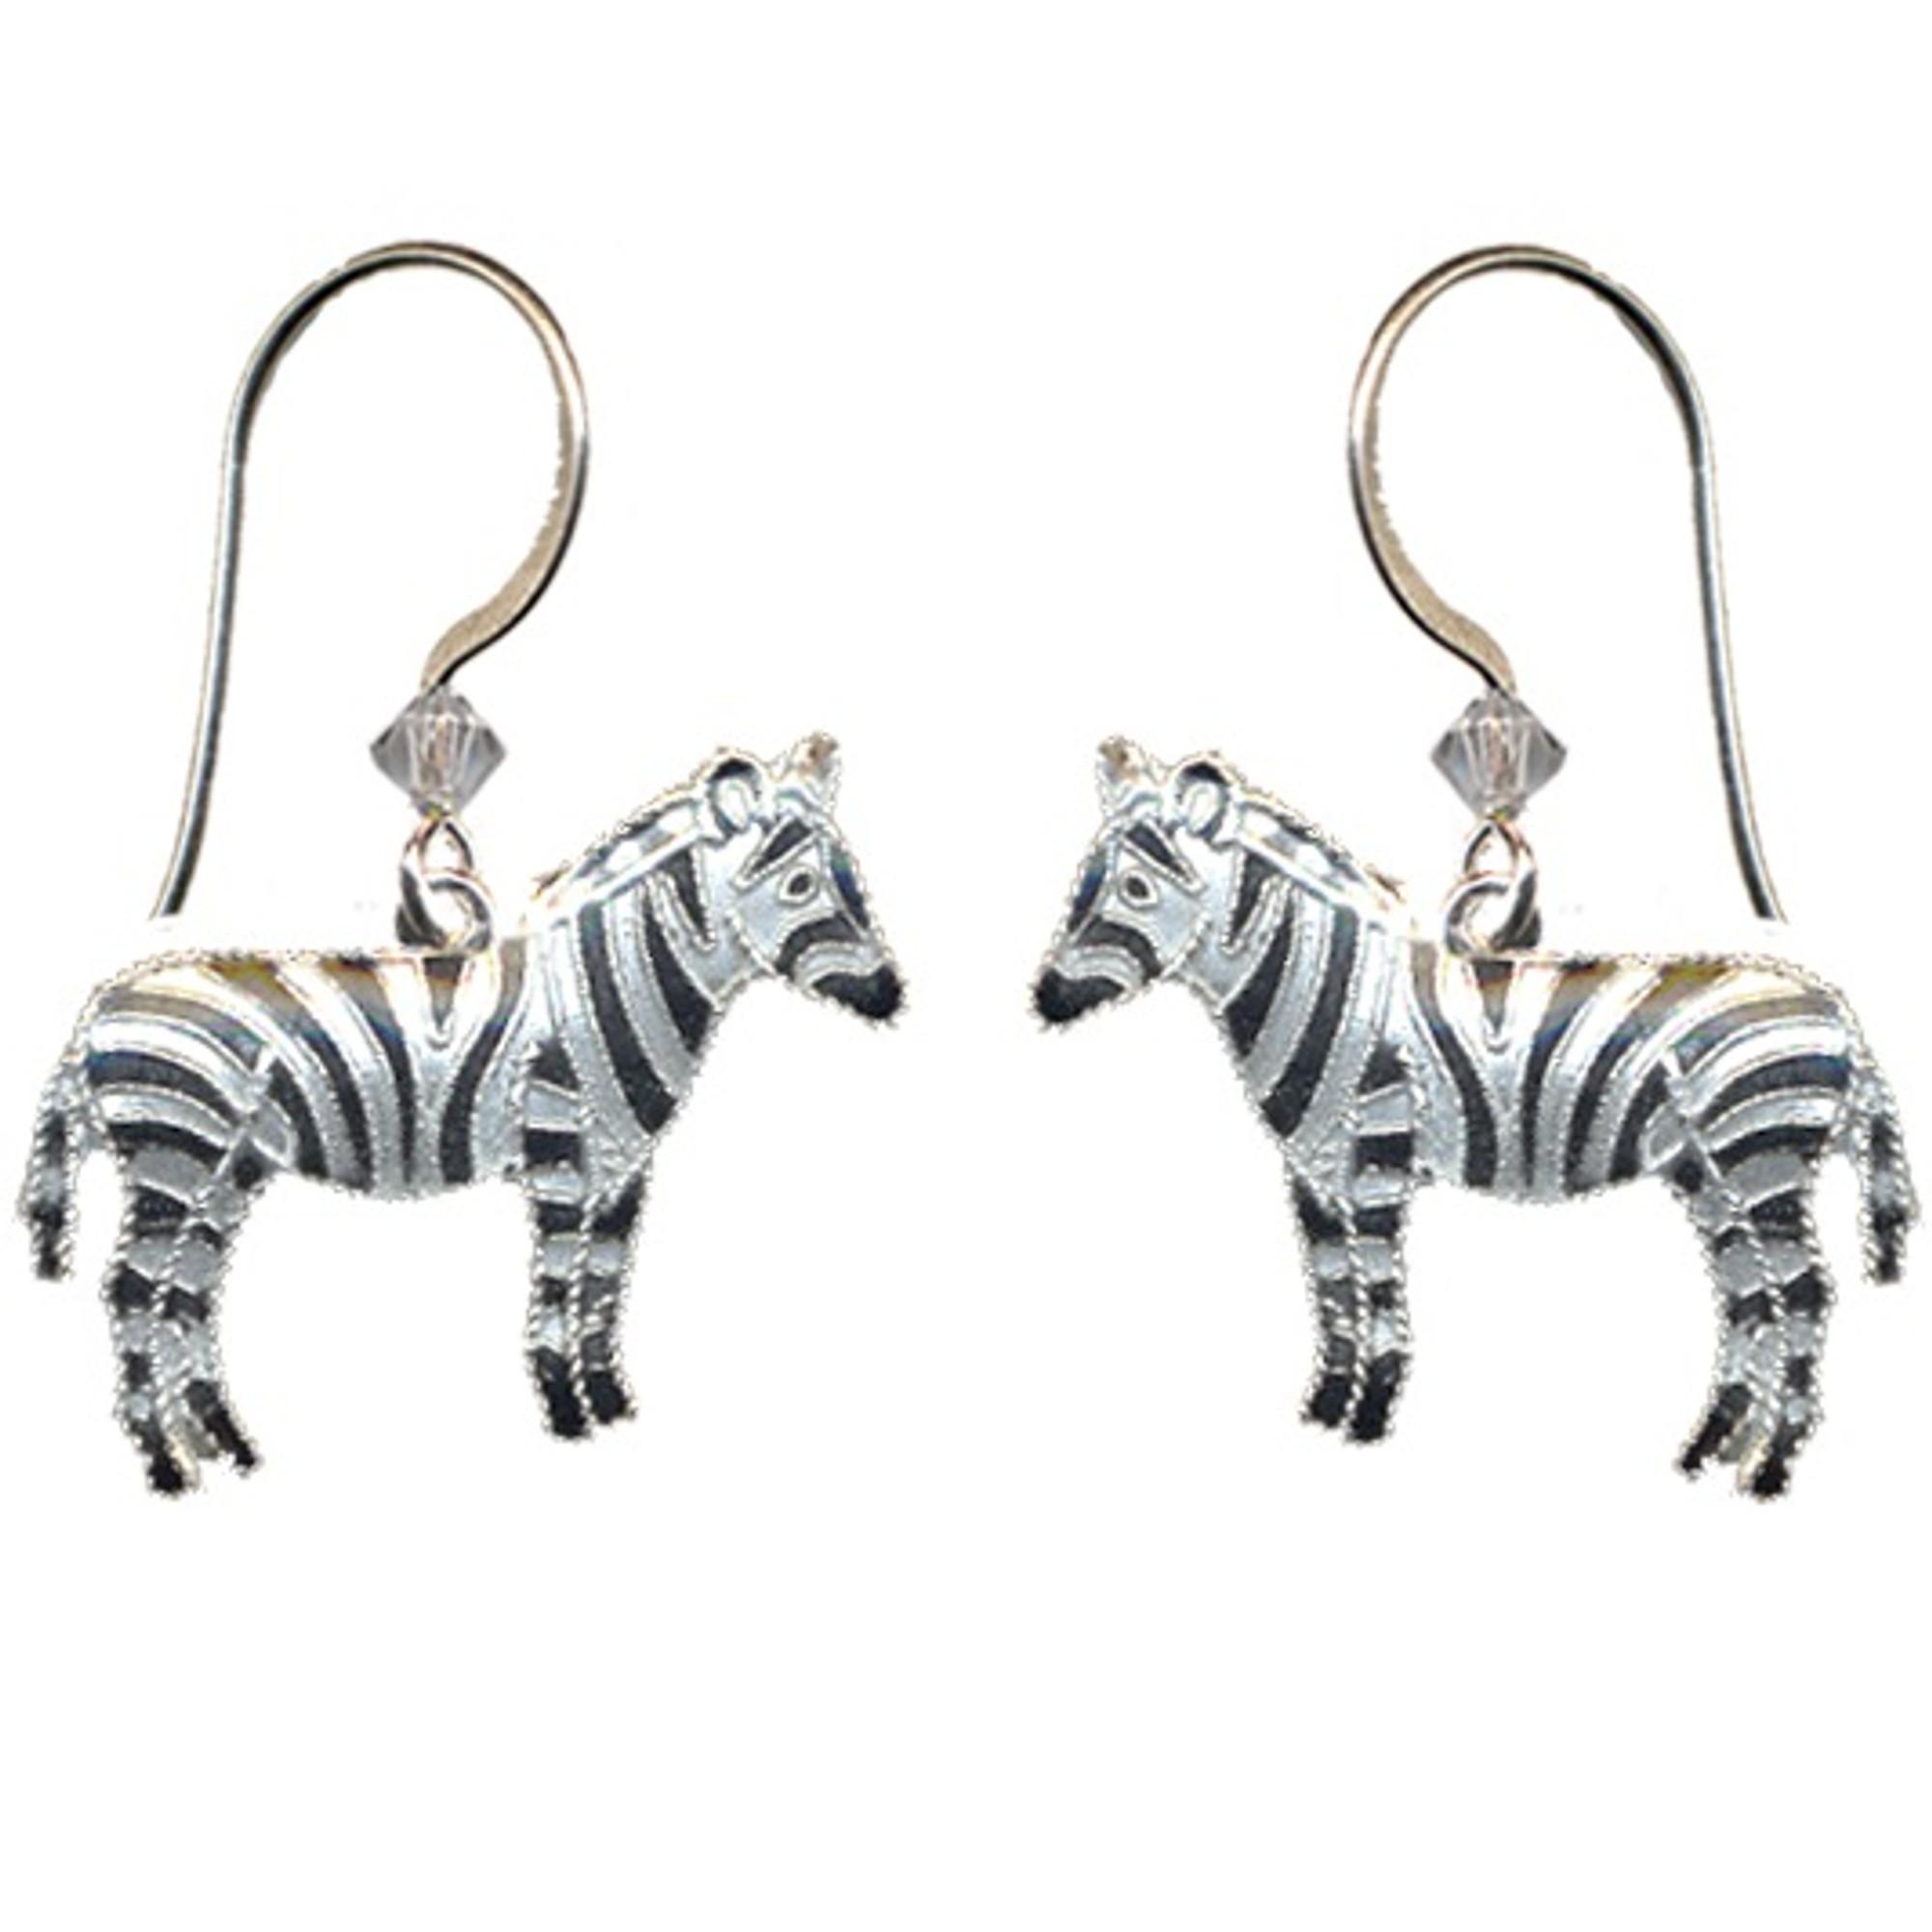 Zebra Earrings   Cloisonne Jewelry   Wire Earrings